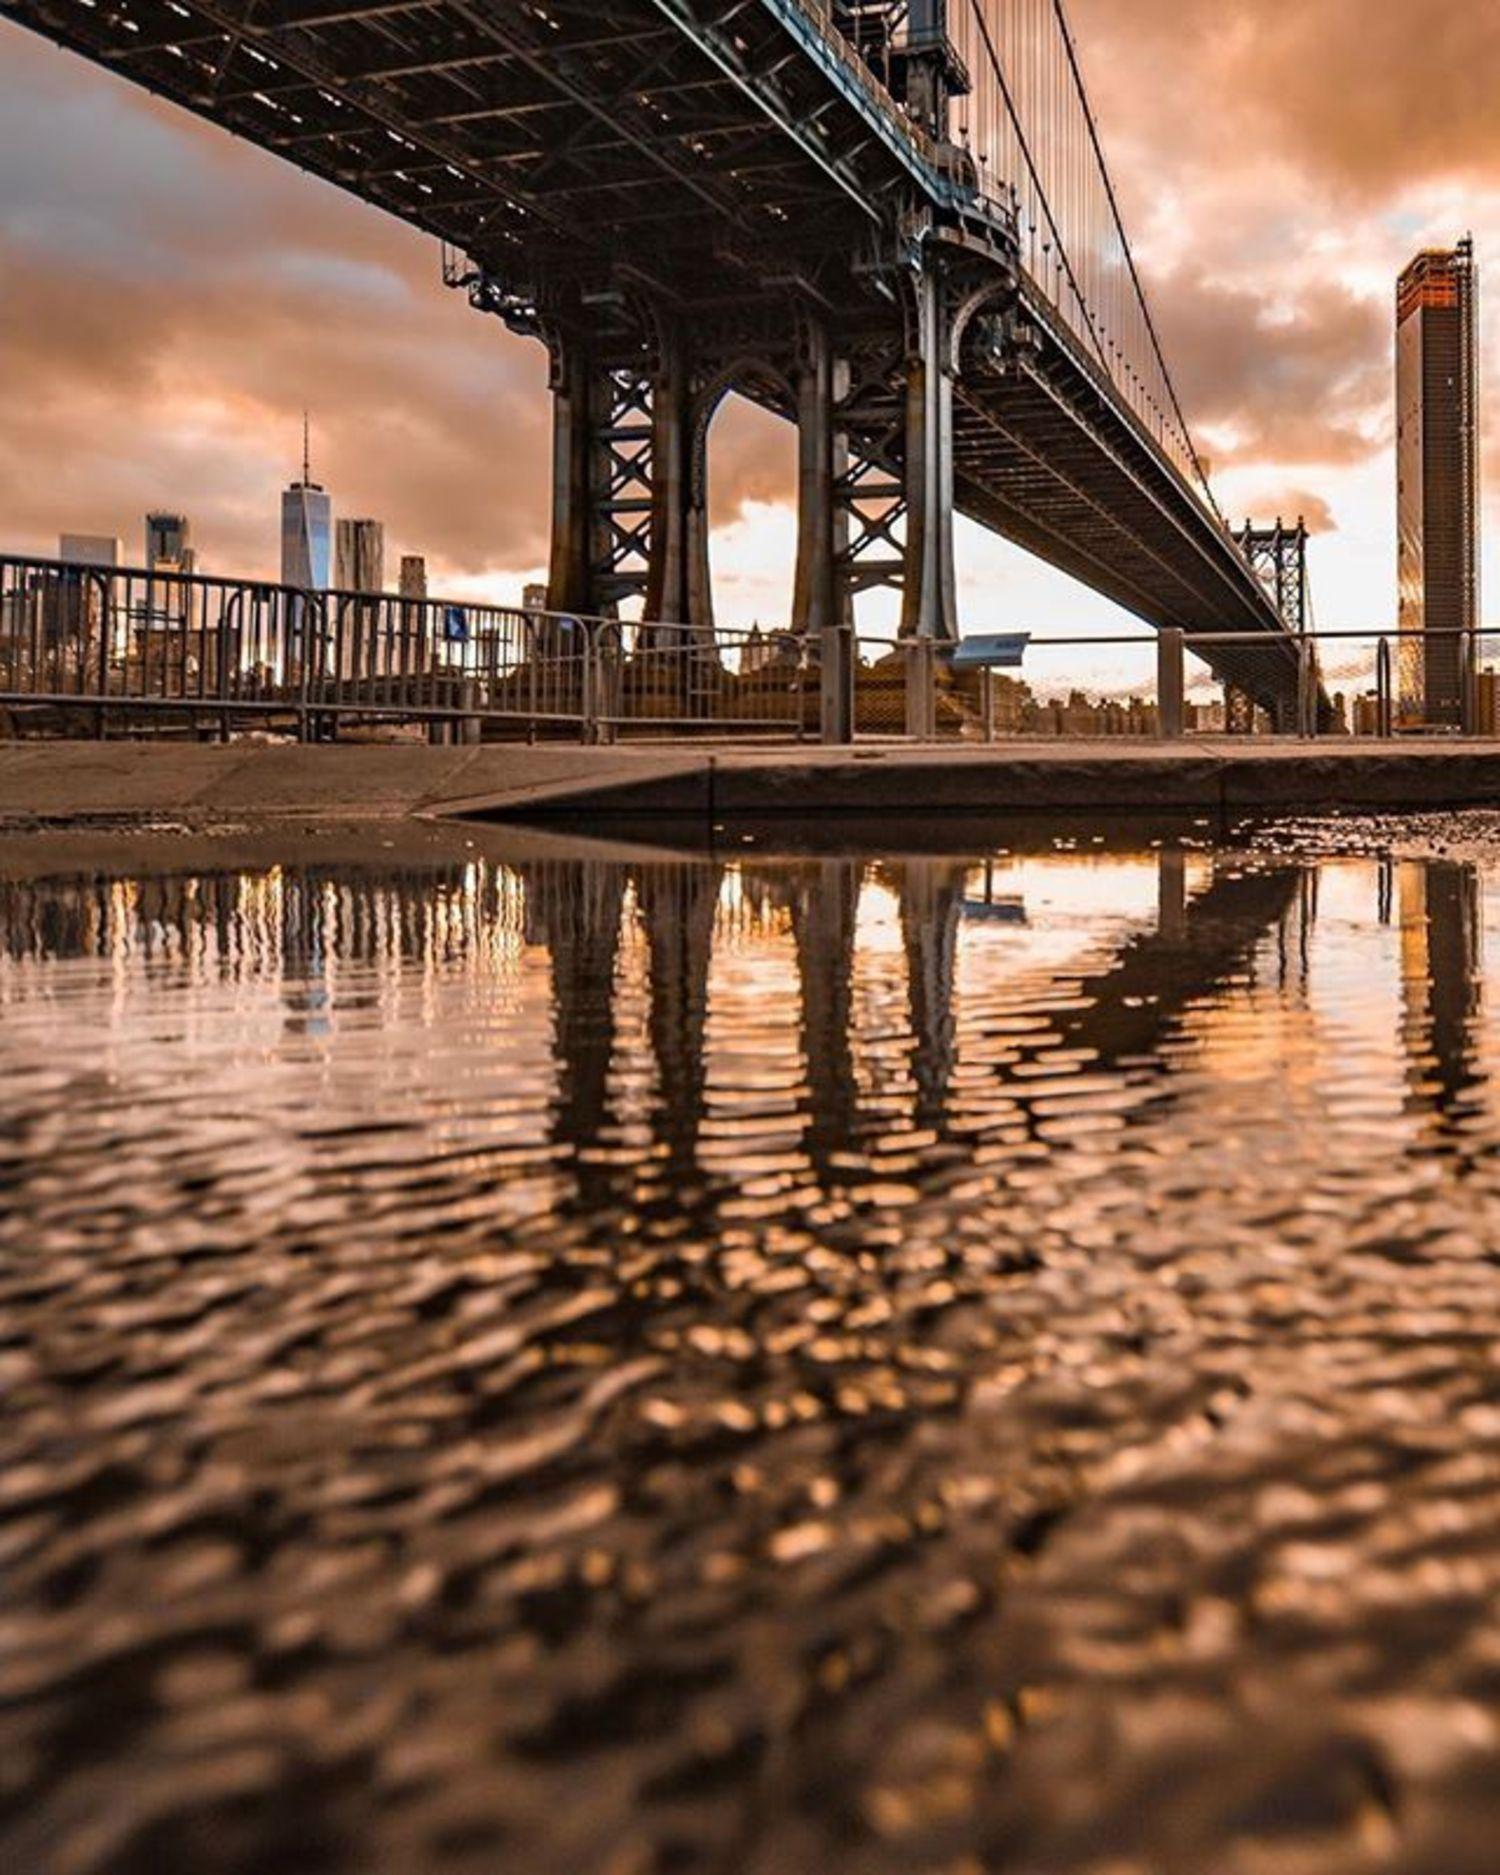 Manhattan Bridge, New York, New York. Photo via @eyecatchingphoto #viewingnyc #newyorkcity #newyork #nyc #manhattanbridge